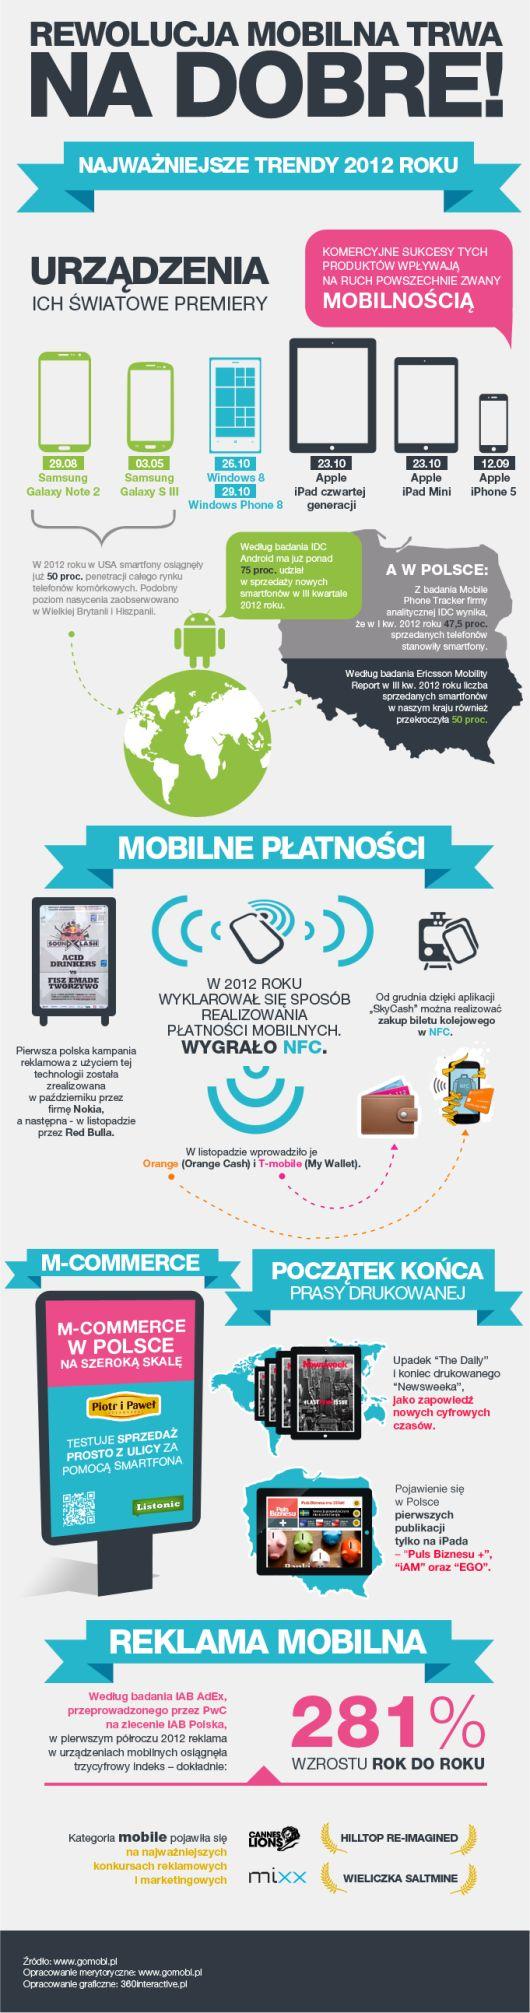 Mobile w roku 2012 wg GoMobi.pl - infografika - NowyMarketing - Where's the beef?